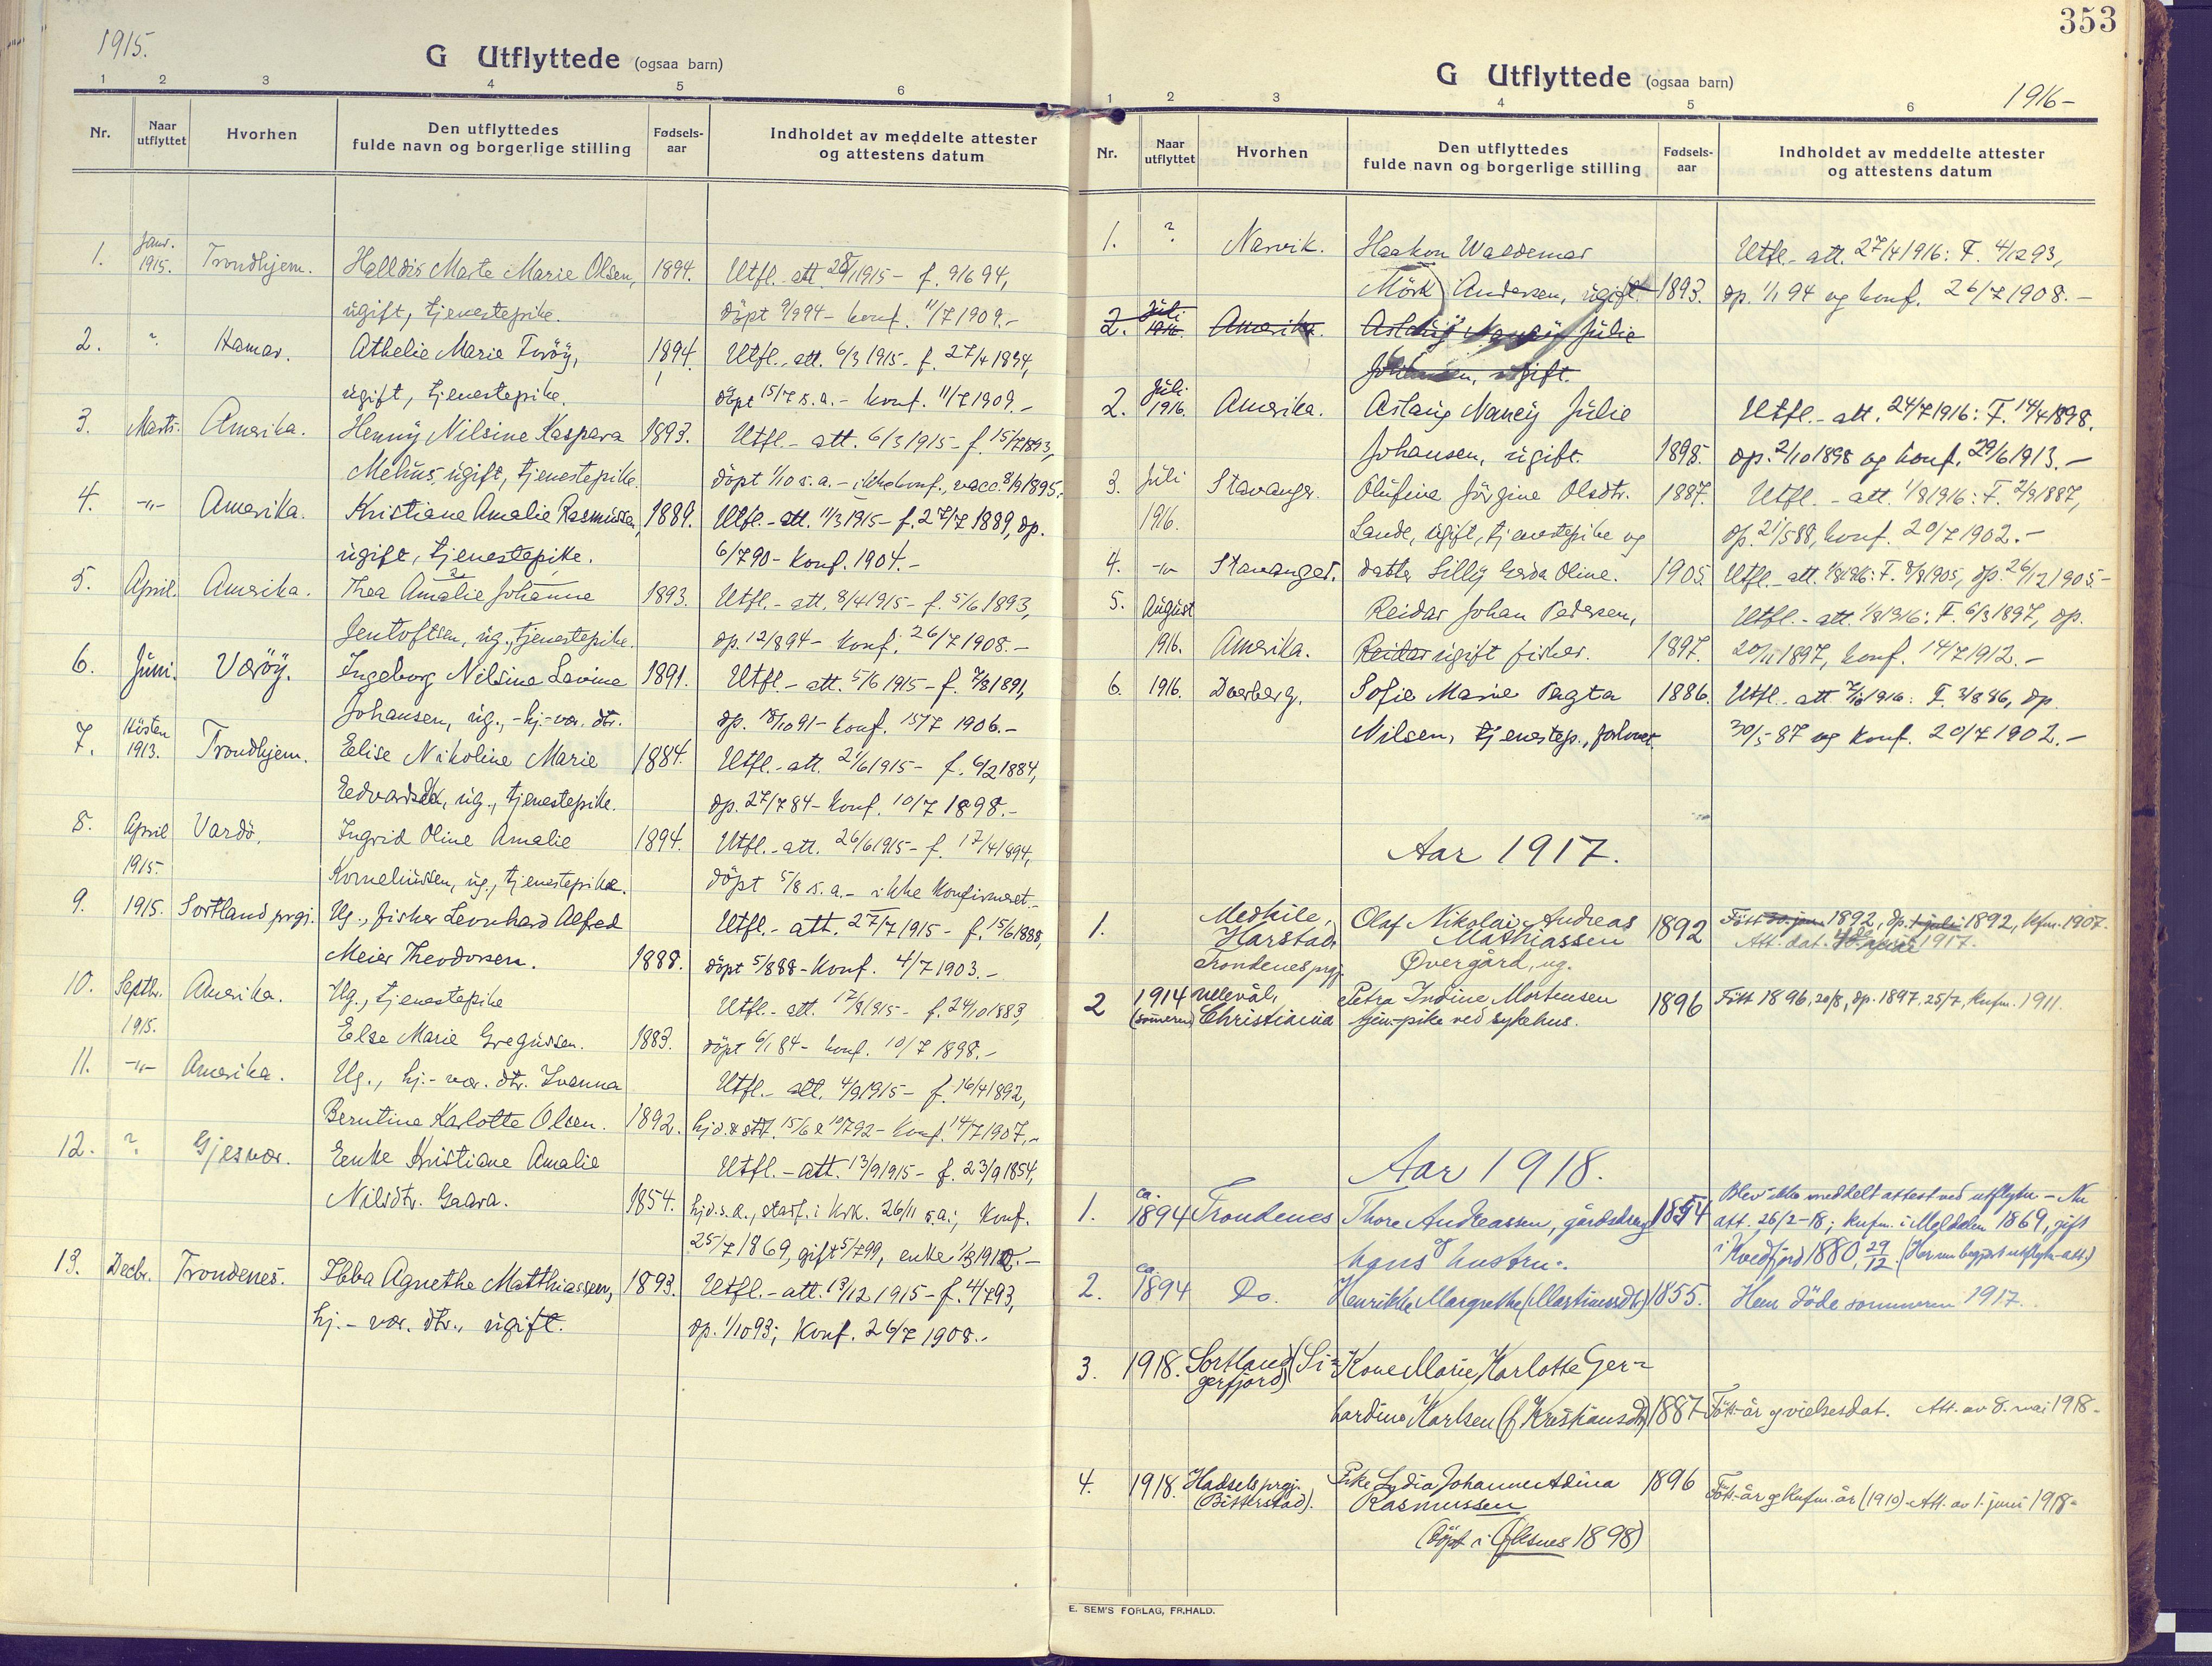 SATØ, Kvæfjord sokneprestkontor, G/Ga/Gaa/L0007kirke: Ministerialbok nr. 7, 1915-1931, s. 353